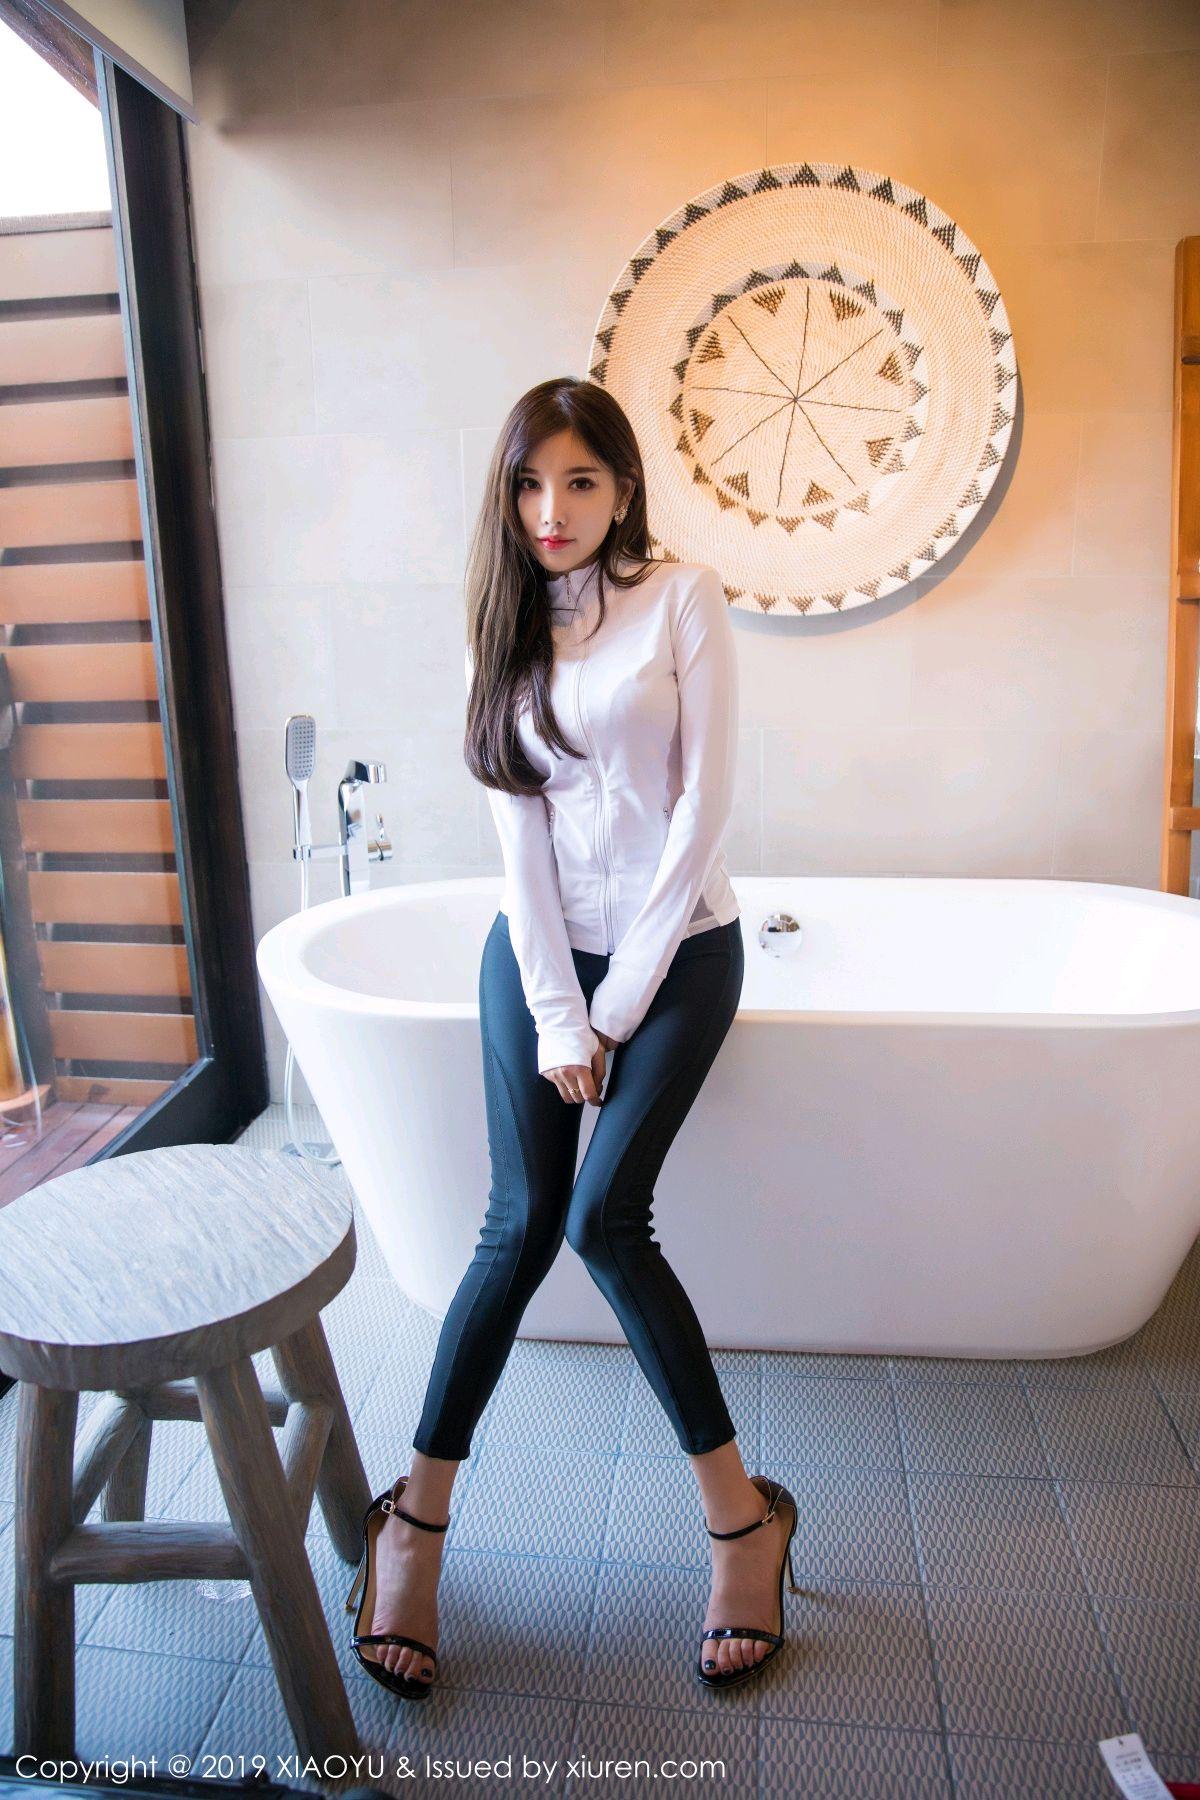 [XiaoYu] Vol.077 Yang Chen Chen Sugar 20P, Underwear, XiaoYu, Yang Chen Chen